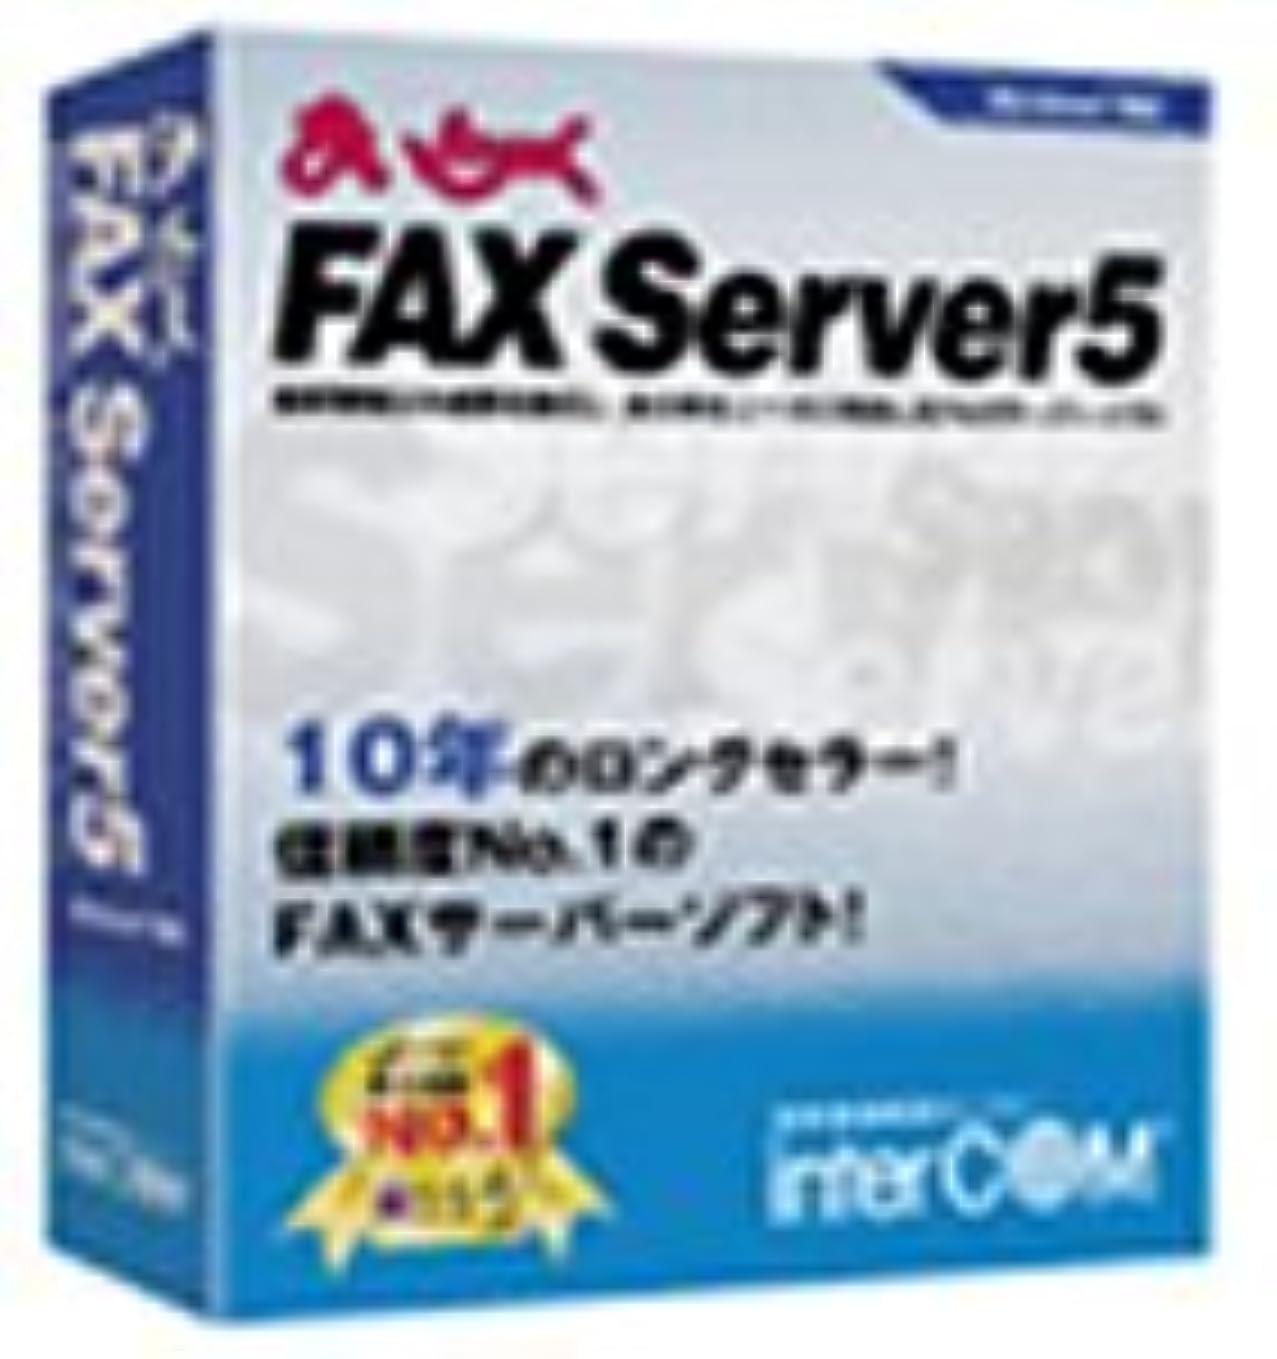 些細オデュッセウス音楽を聴くまいと~く FAX Server 5 8回線版